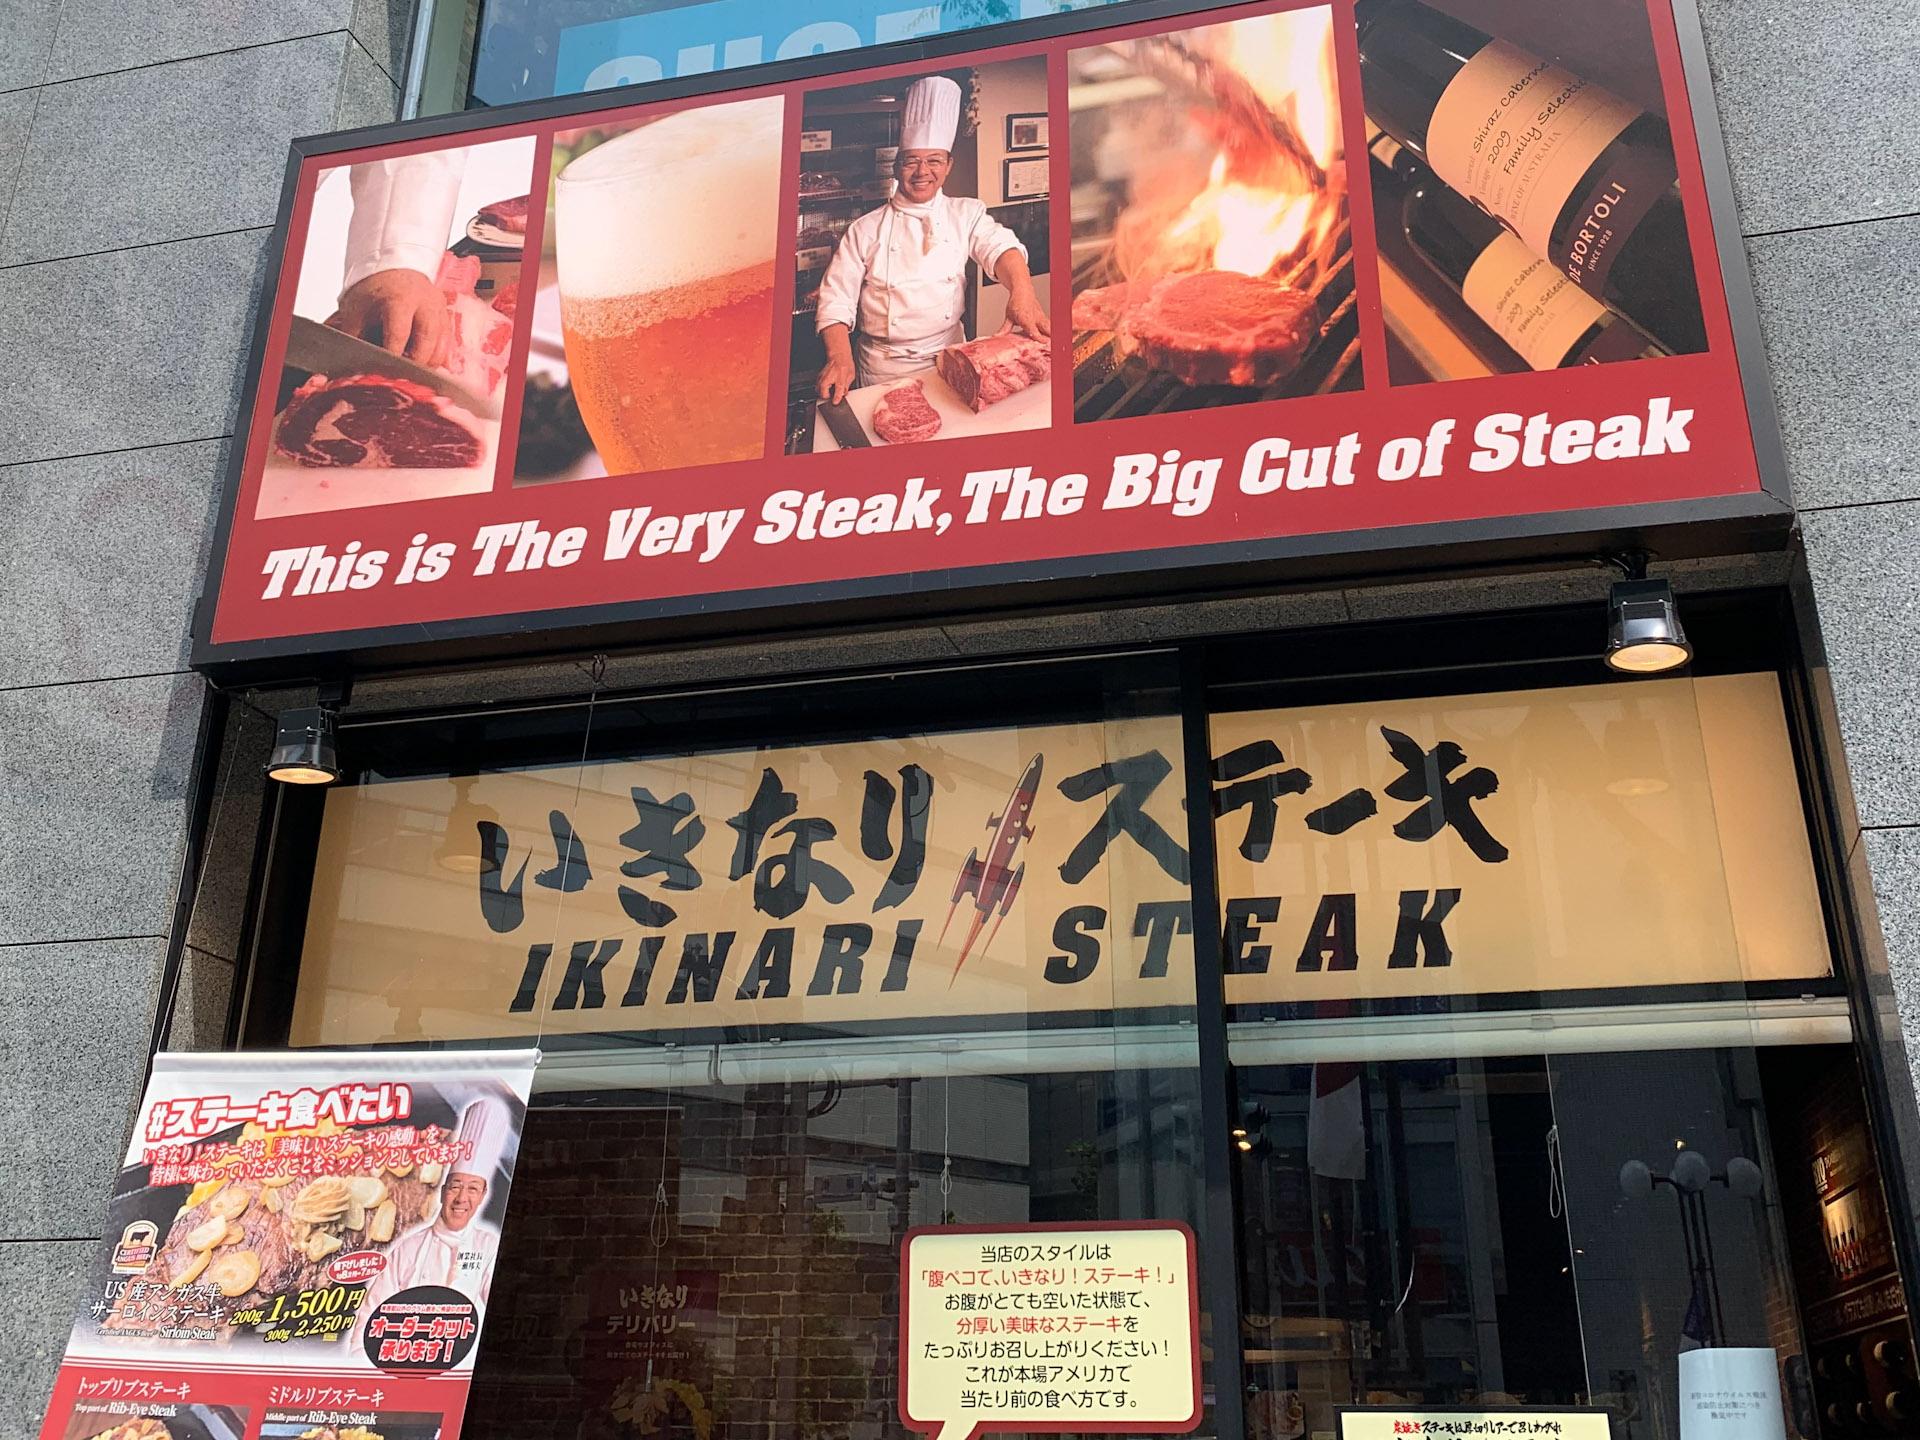 いきなりステーキの「乱切りカットステーキ」が人気!売り切れ必至の理由とは